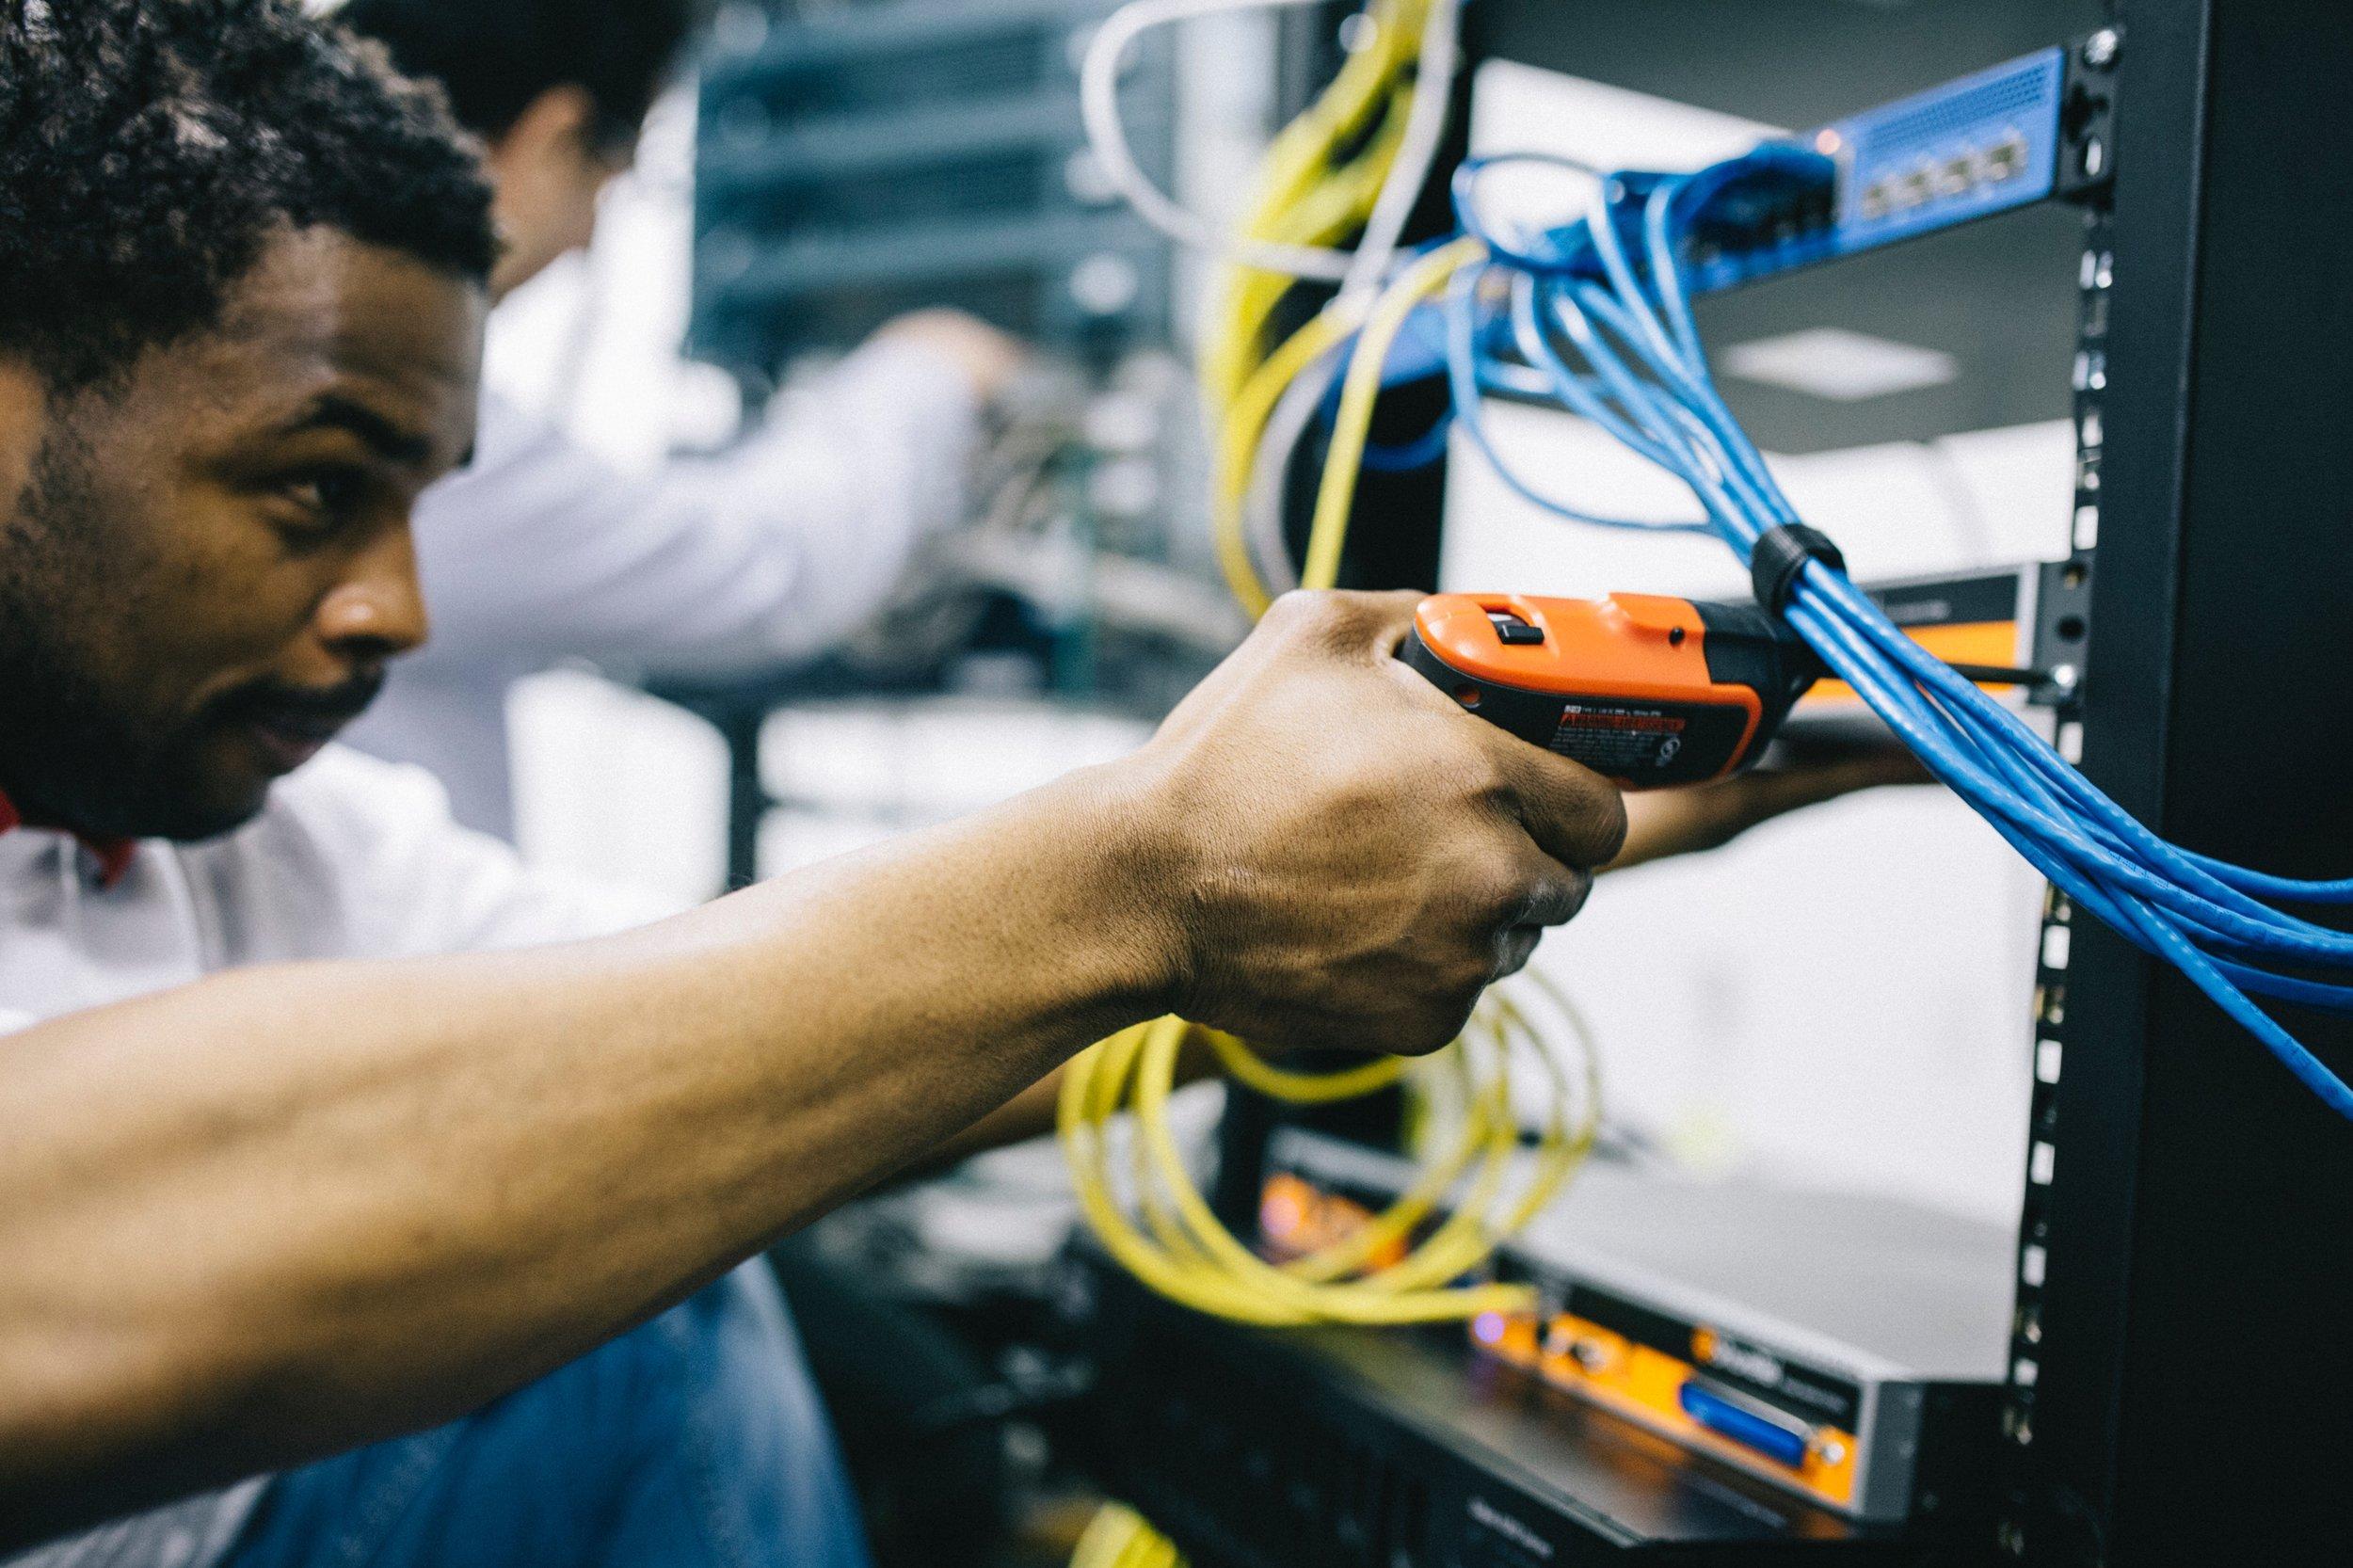 engineer-fiber-fieldengineer-442151.jpg